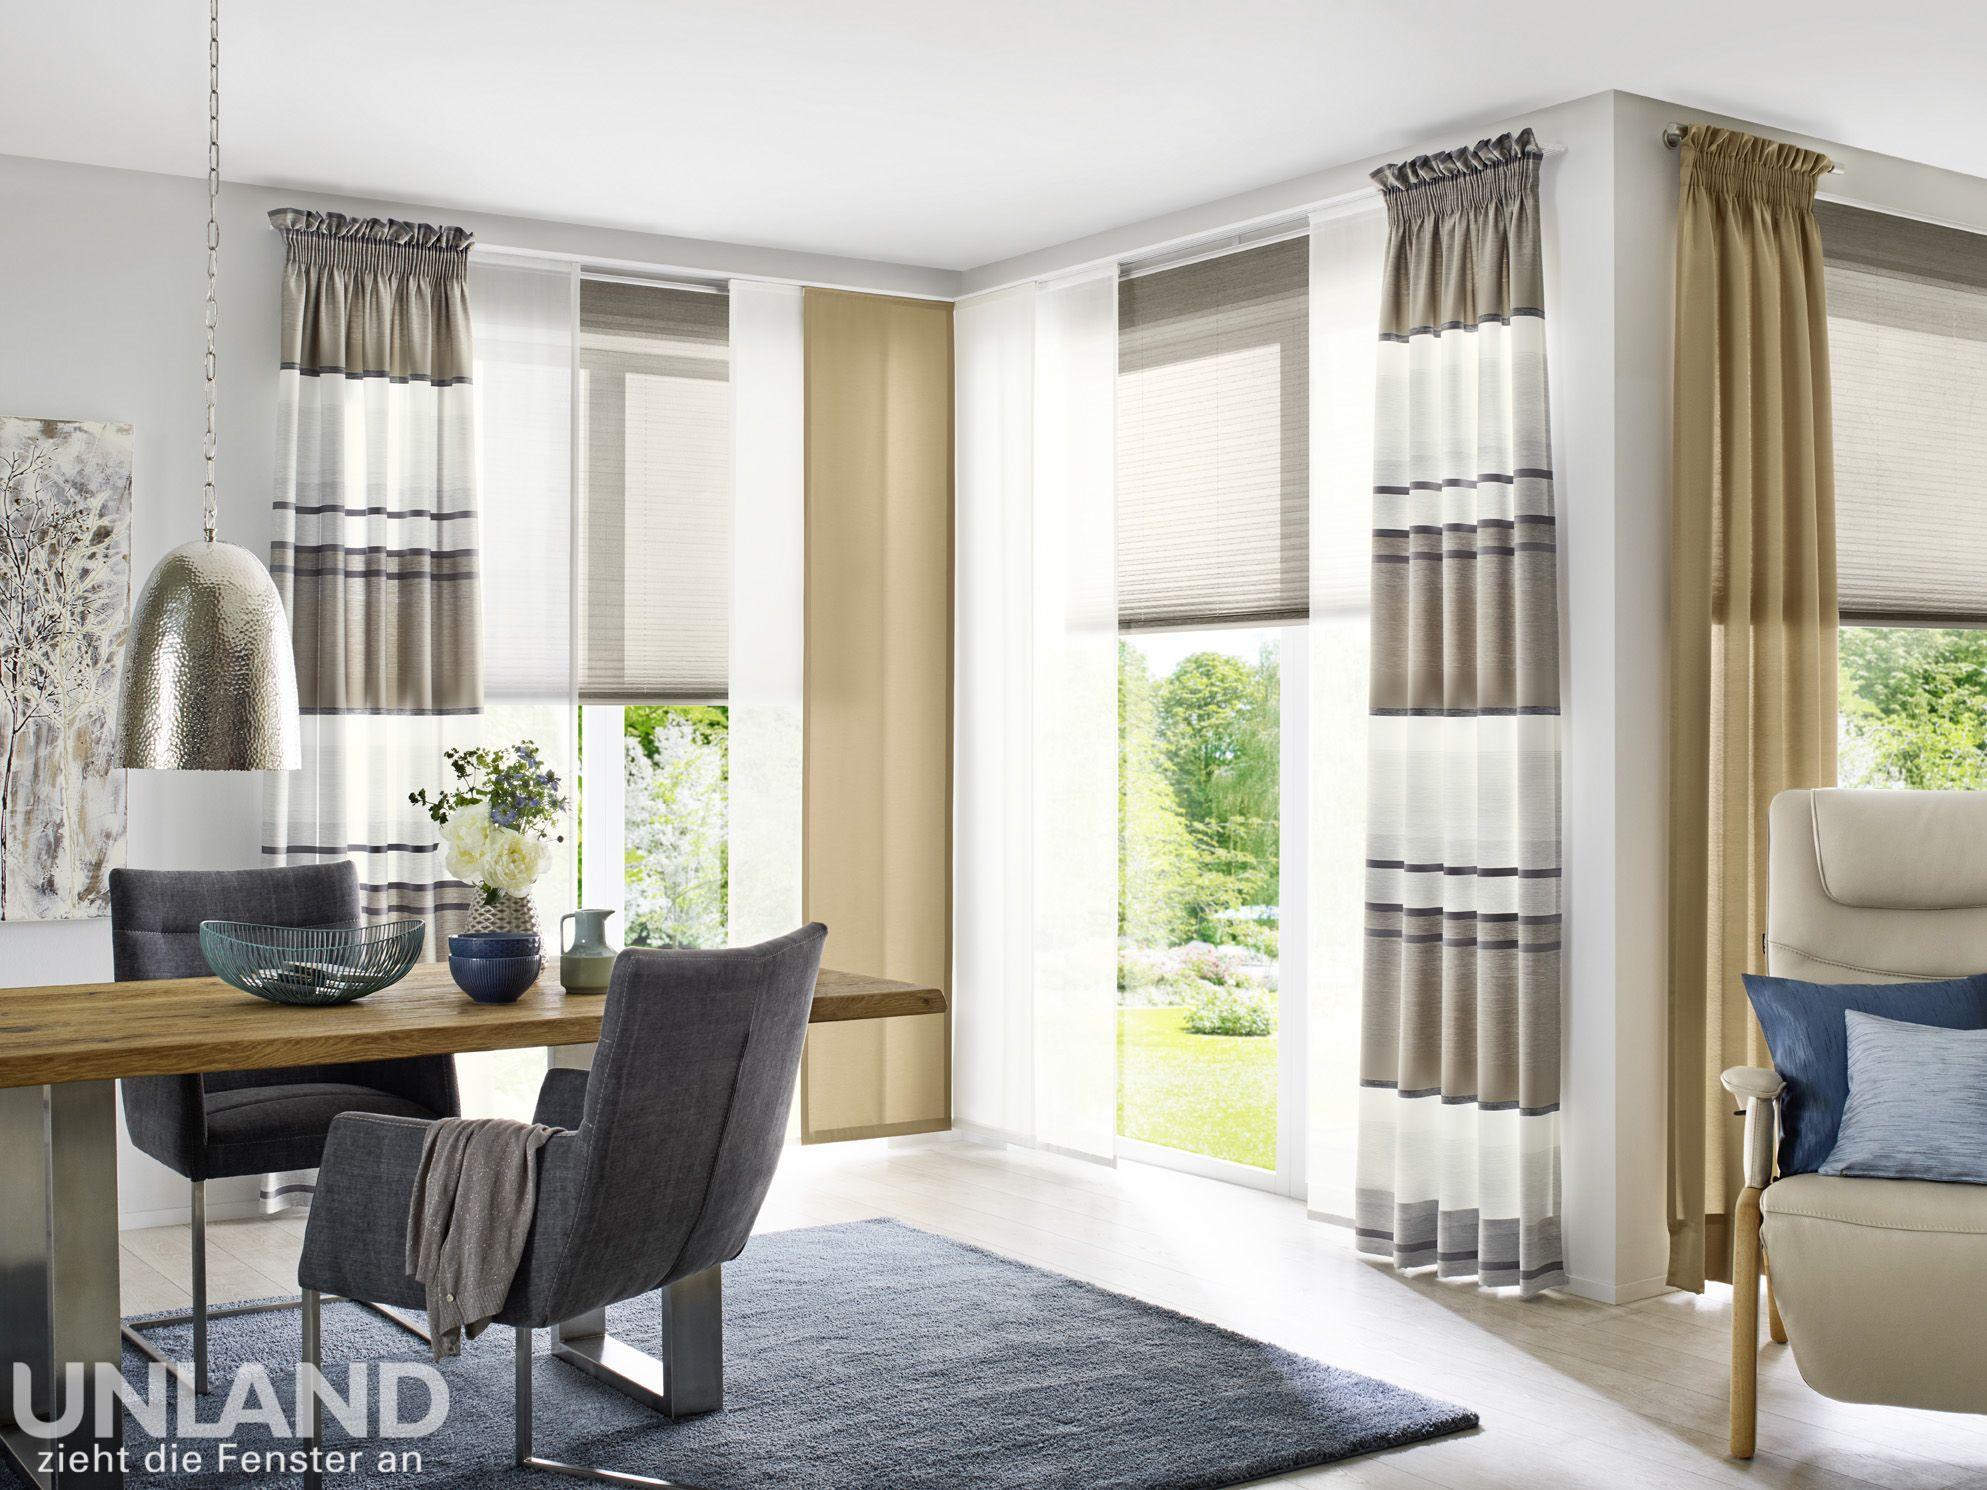 Fenster Linares Gardinen Dekostoffe Vorhang Wohnstoffe